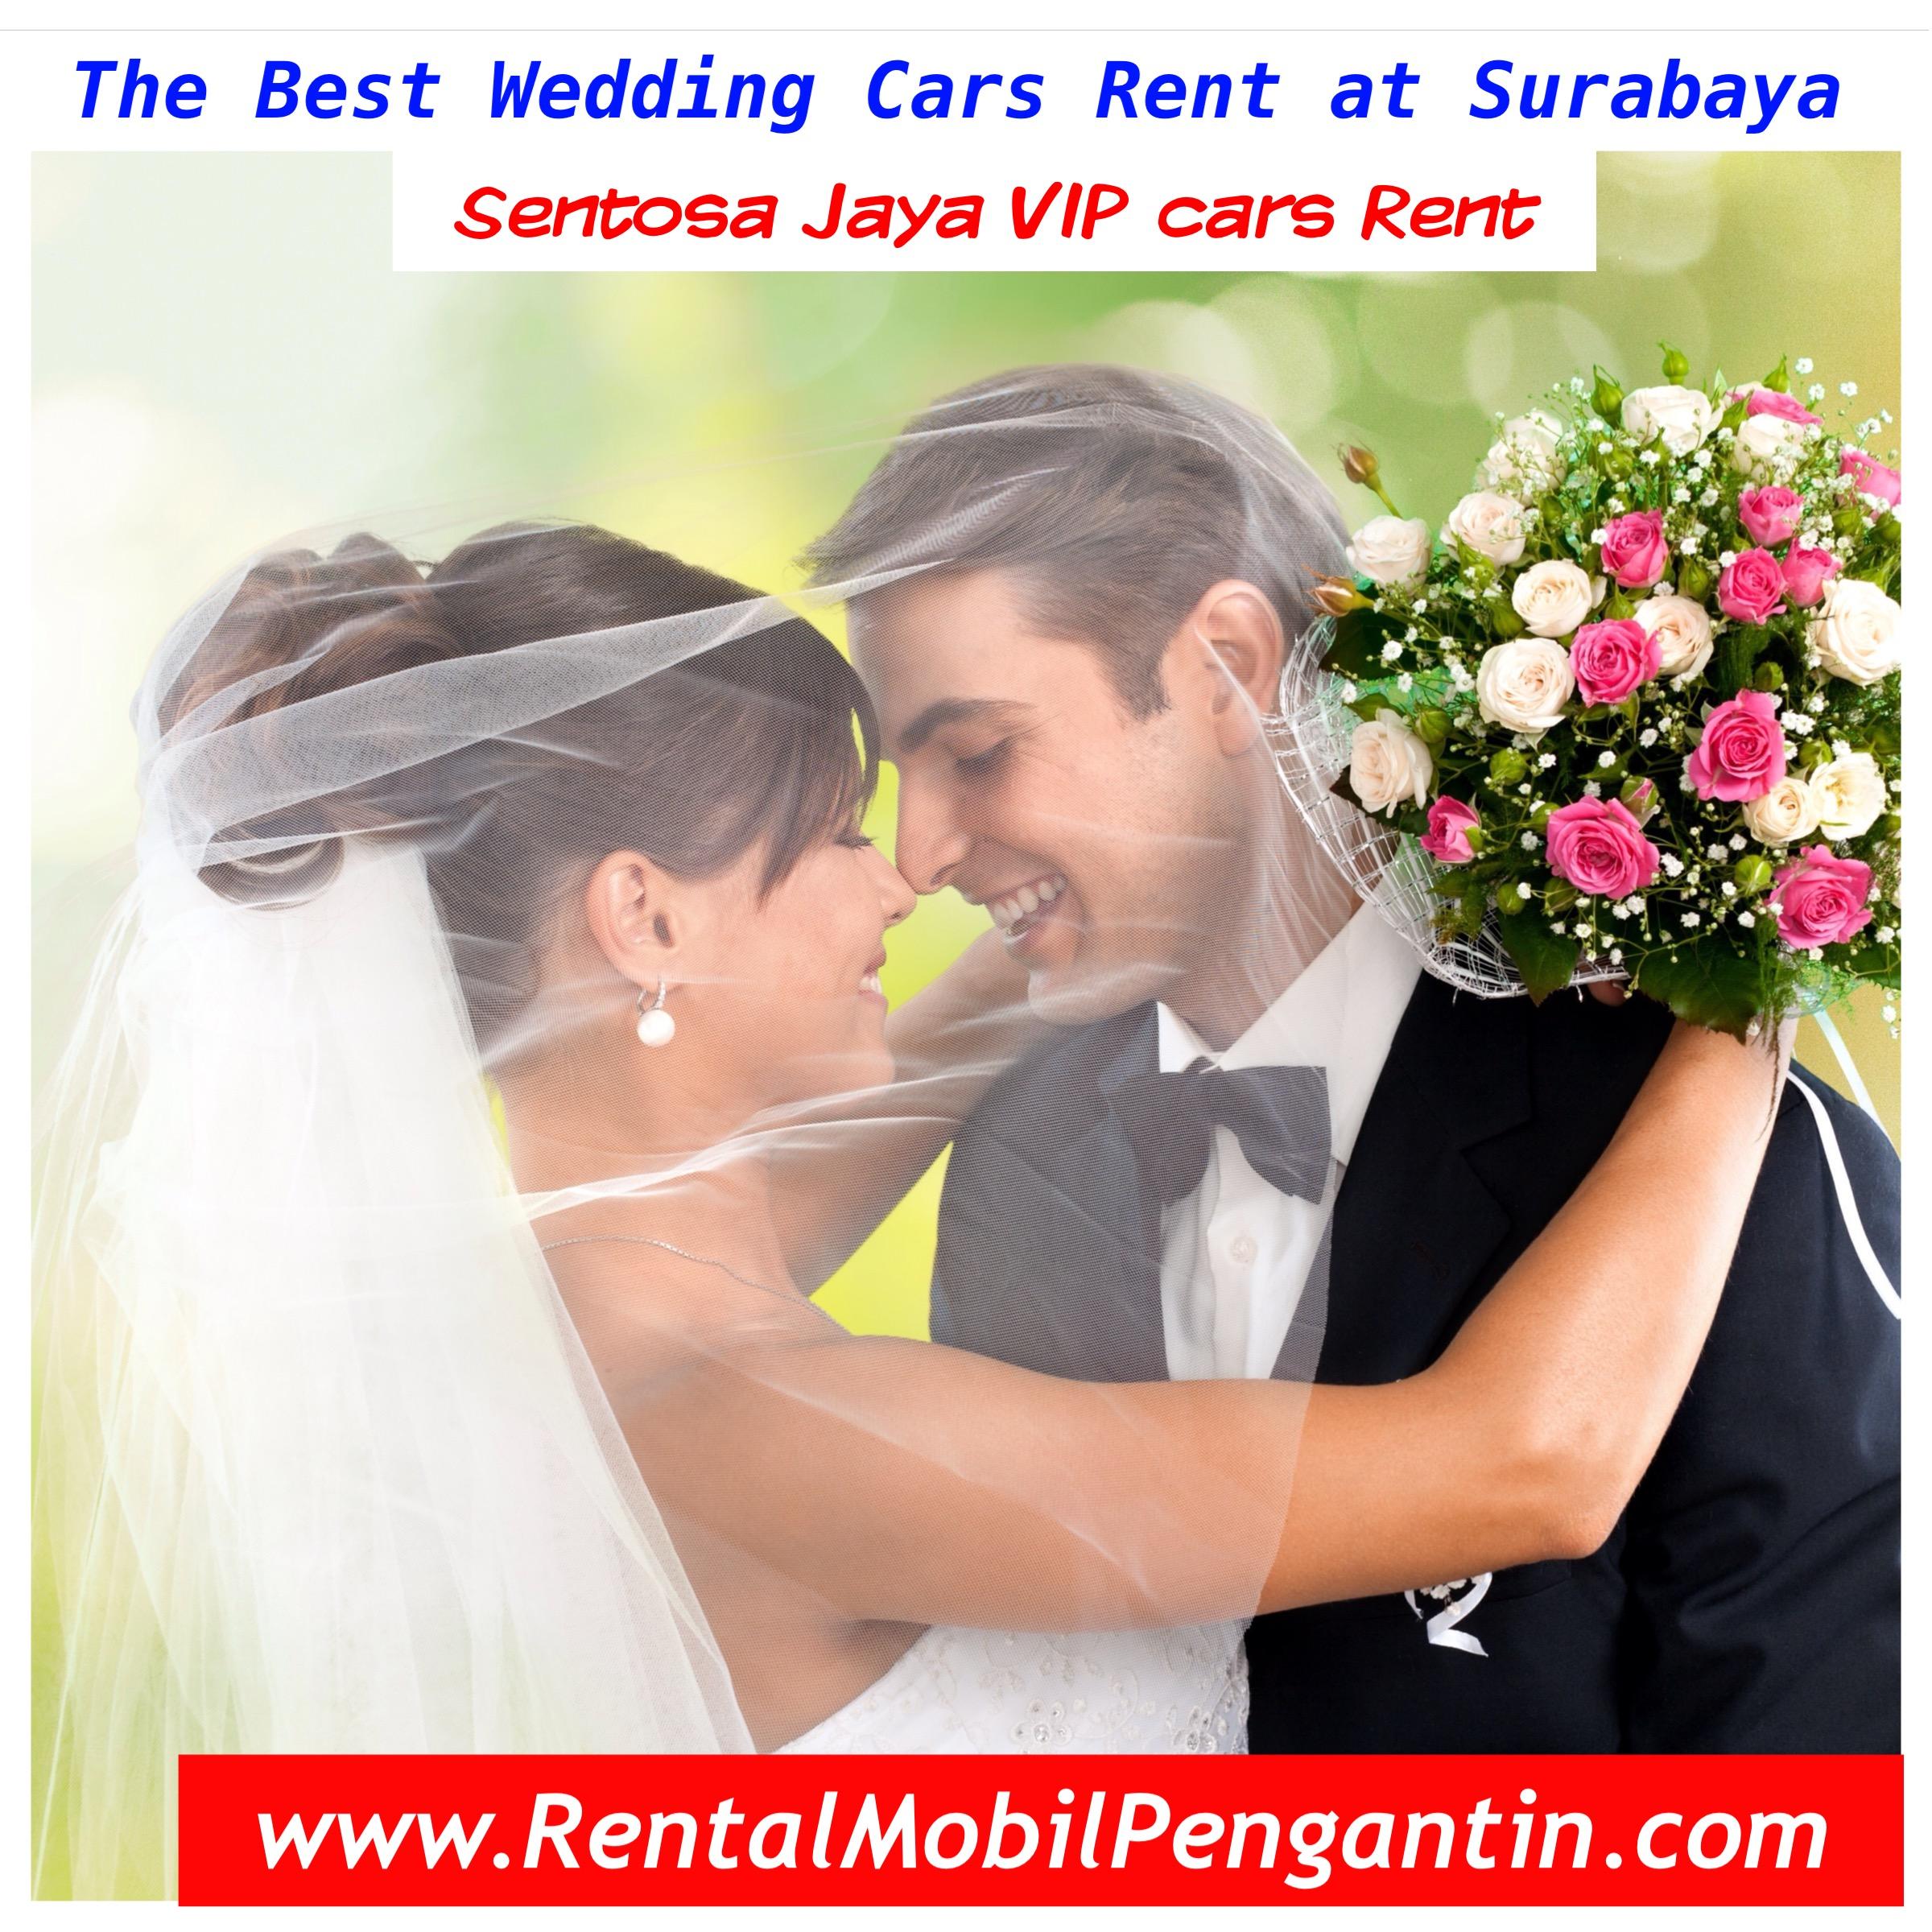 mobil pengantin rental dan sewa untuk wedding di surabaya